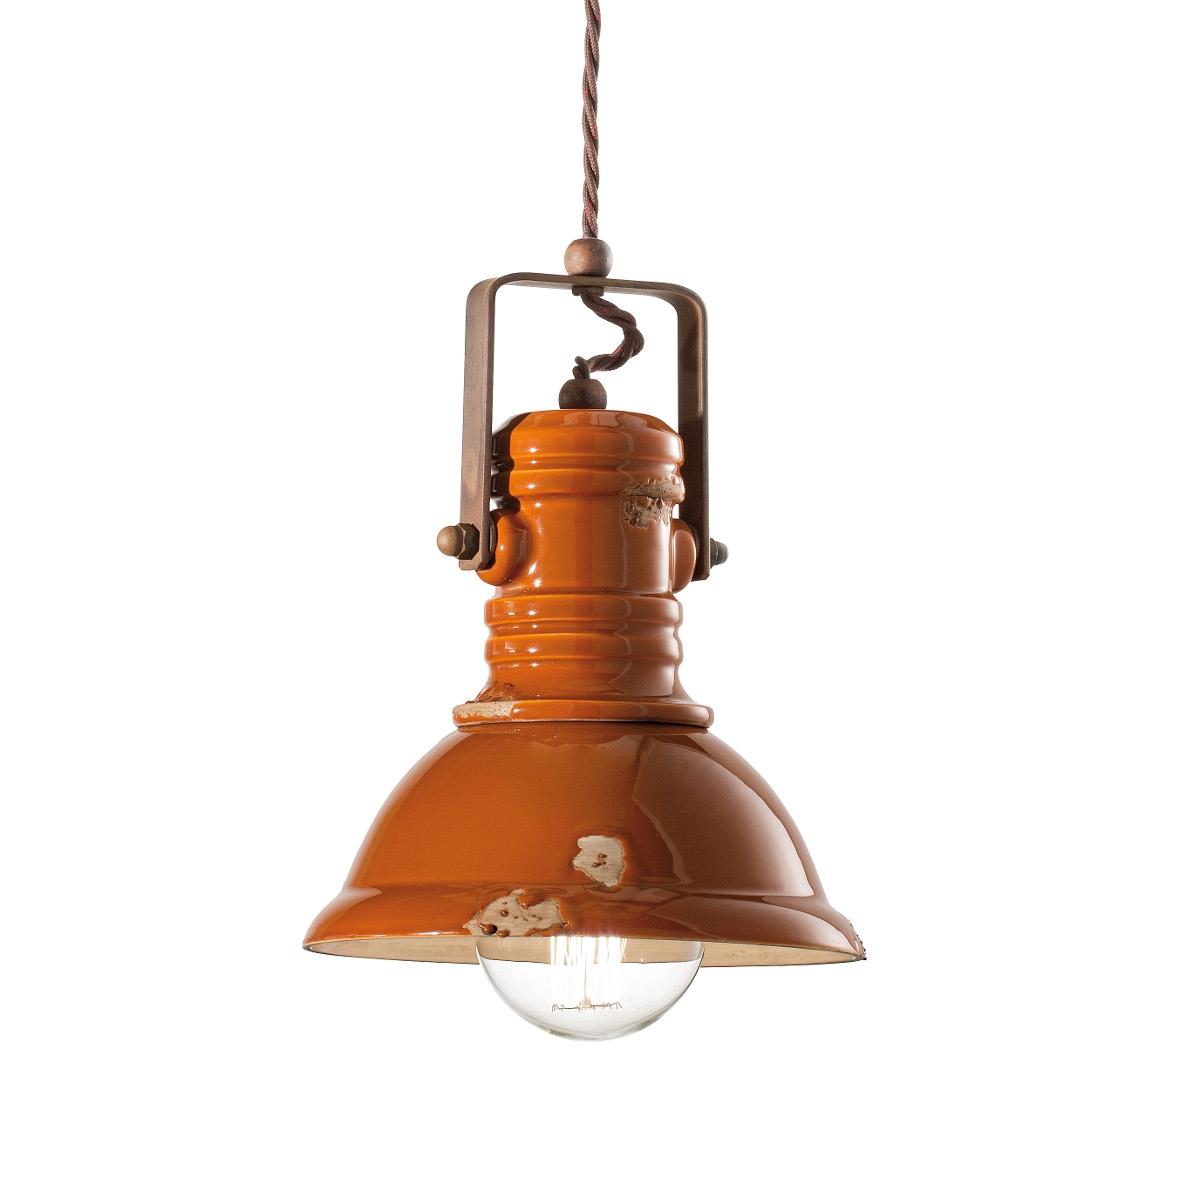 Kleine Fabriklampe INDUSTRIAL mit klassisch geformtem Schirm in ...